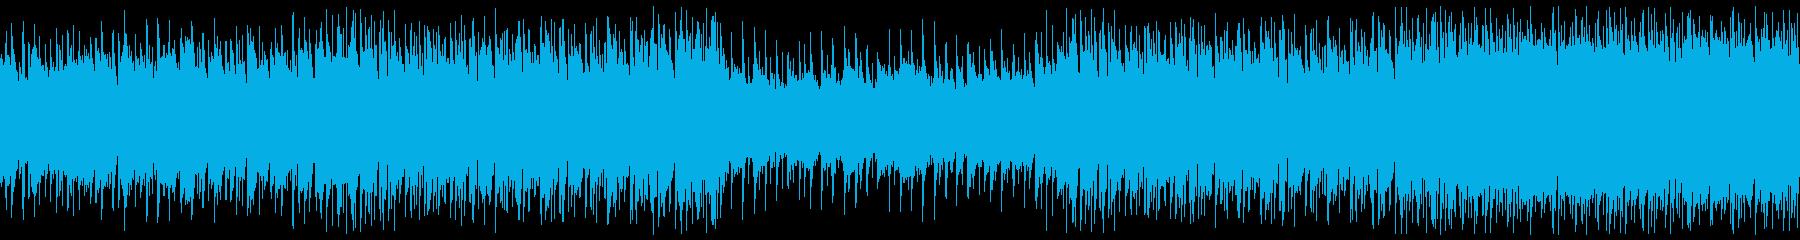 ほのぼのした日常・ウクレレポップ・ループの再生済みの波形